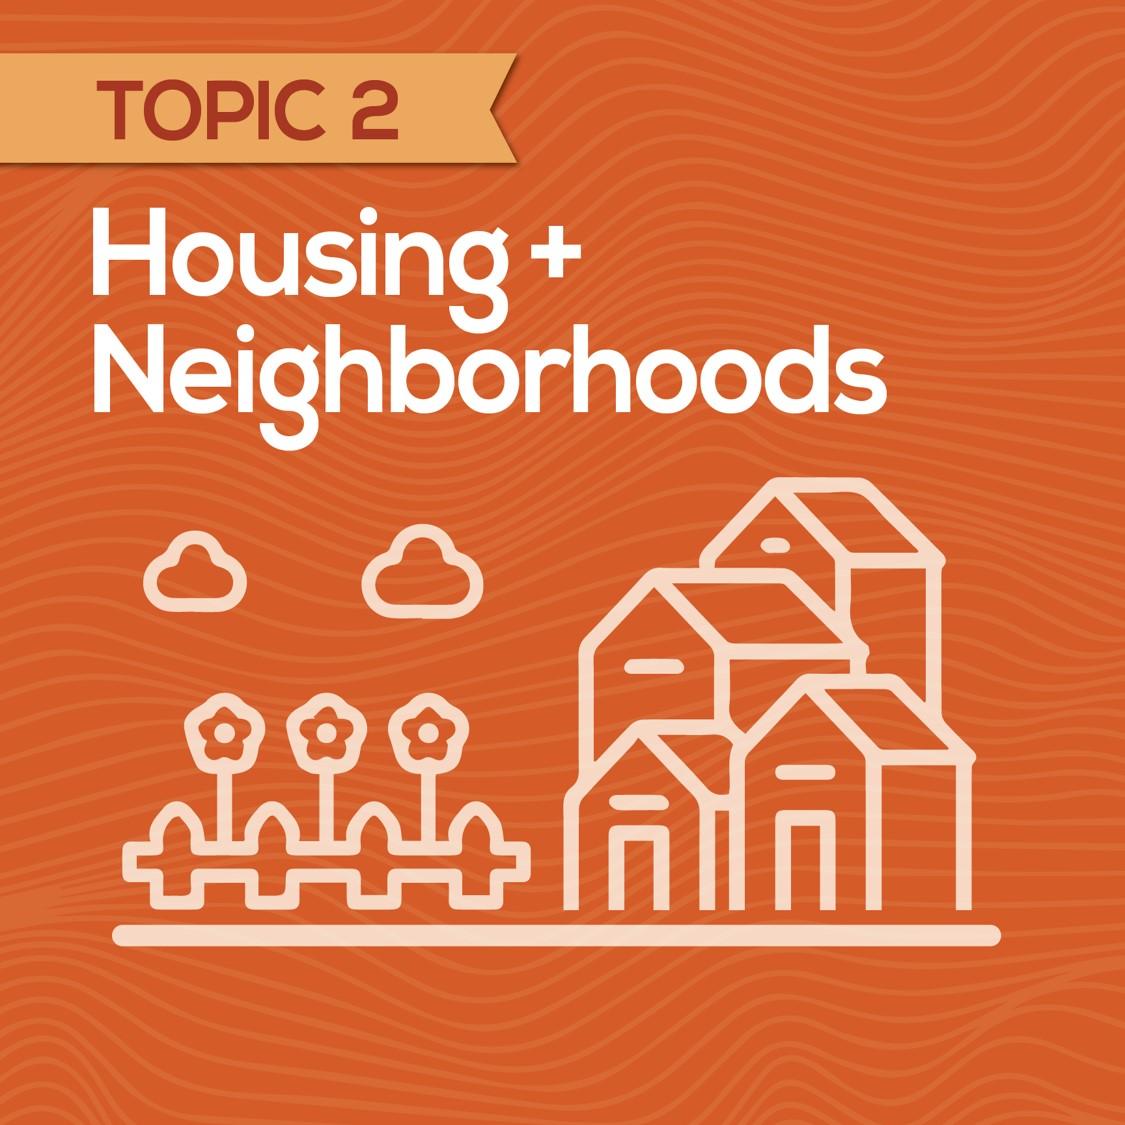 Housing and Neighborhood Tile